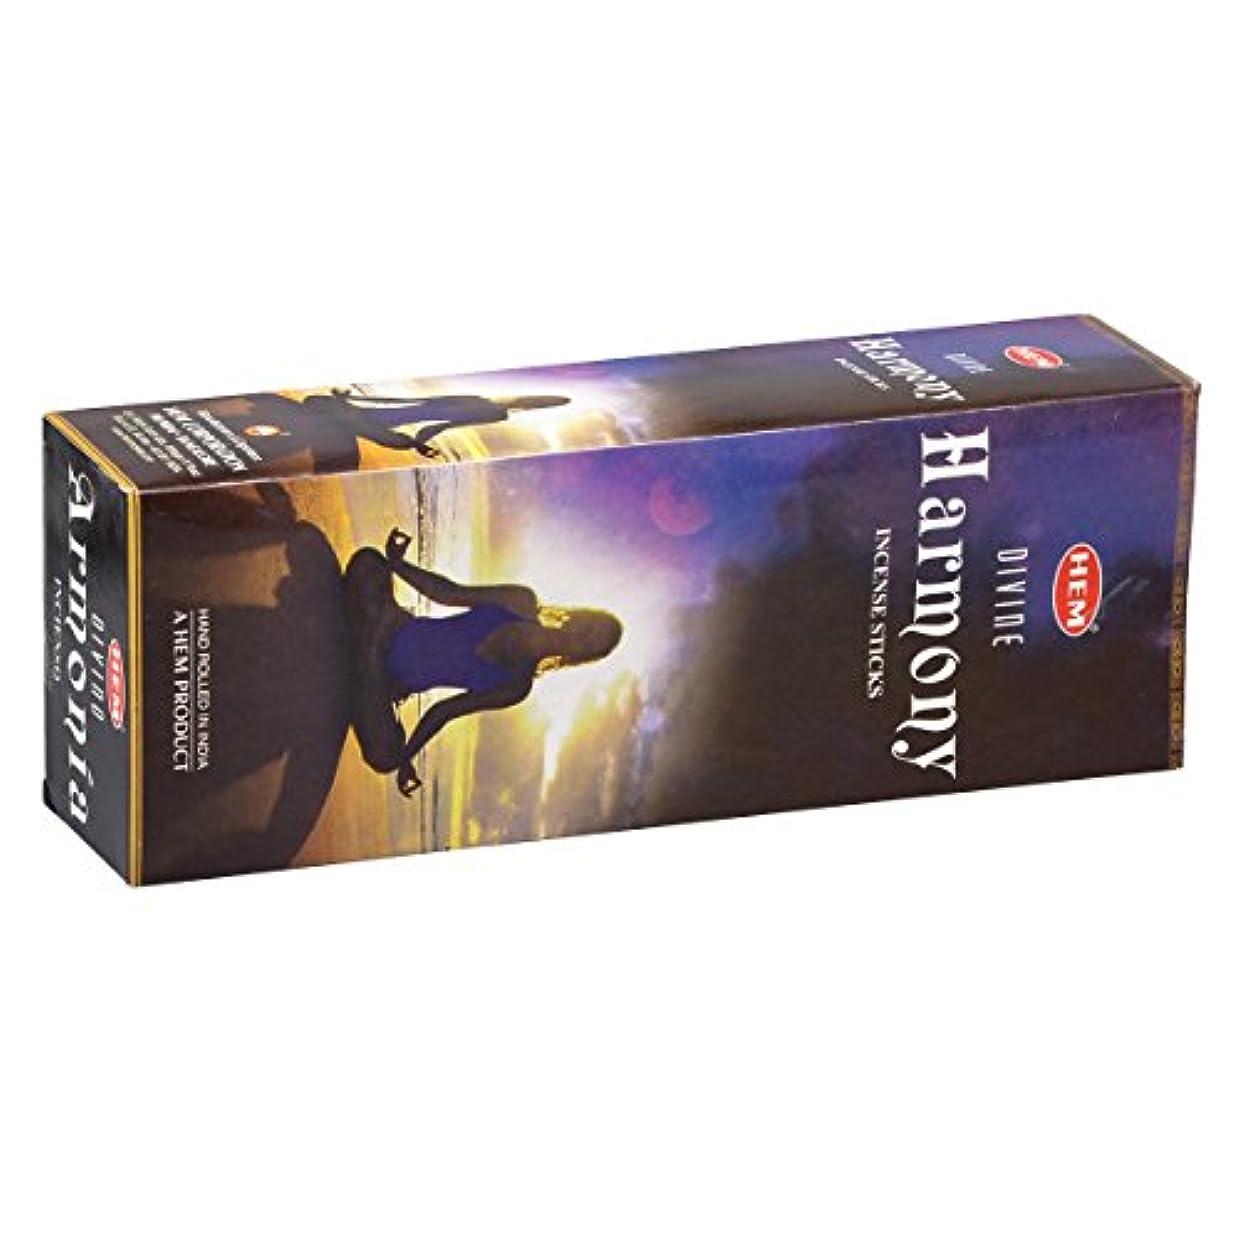 機構マーベルジャンピングジャックHEM(ヘム) ハーモニー HARMONY スティックタイプ お香 6筒 セット [並行輸入品]